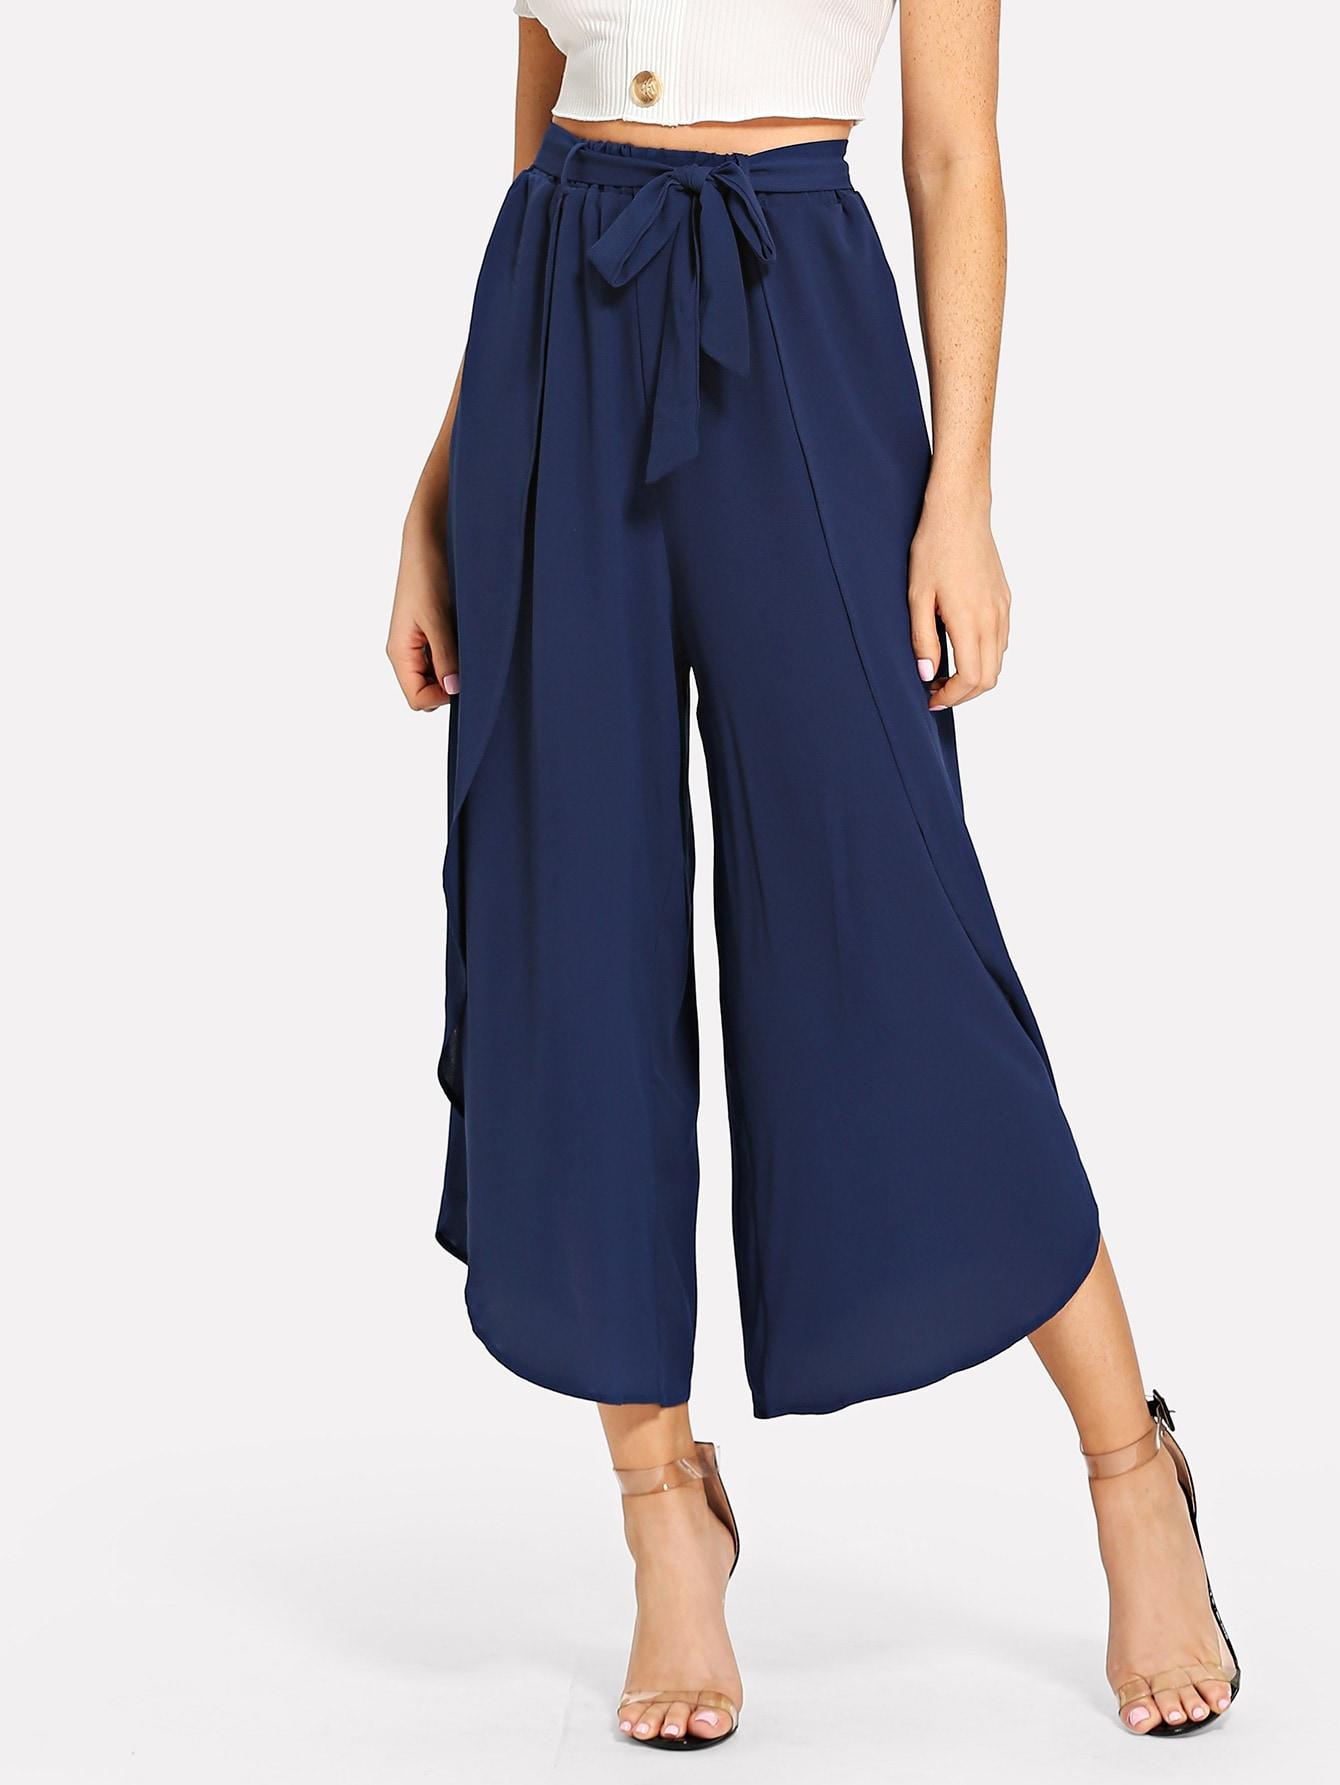 Широкие брюки с оборками, Nathane, SheIn  - купить со скидкой